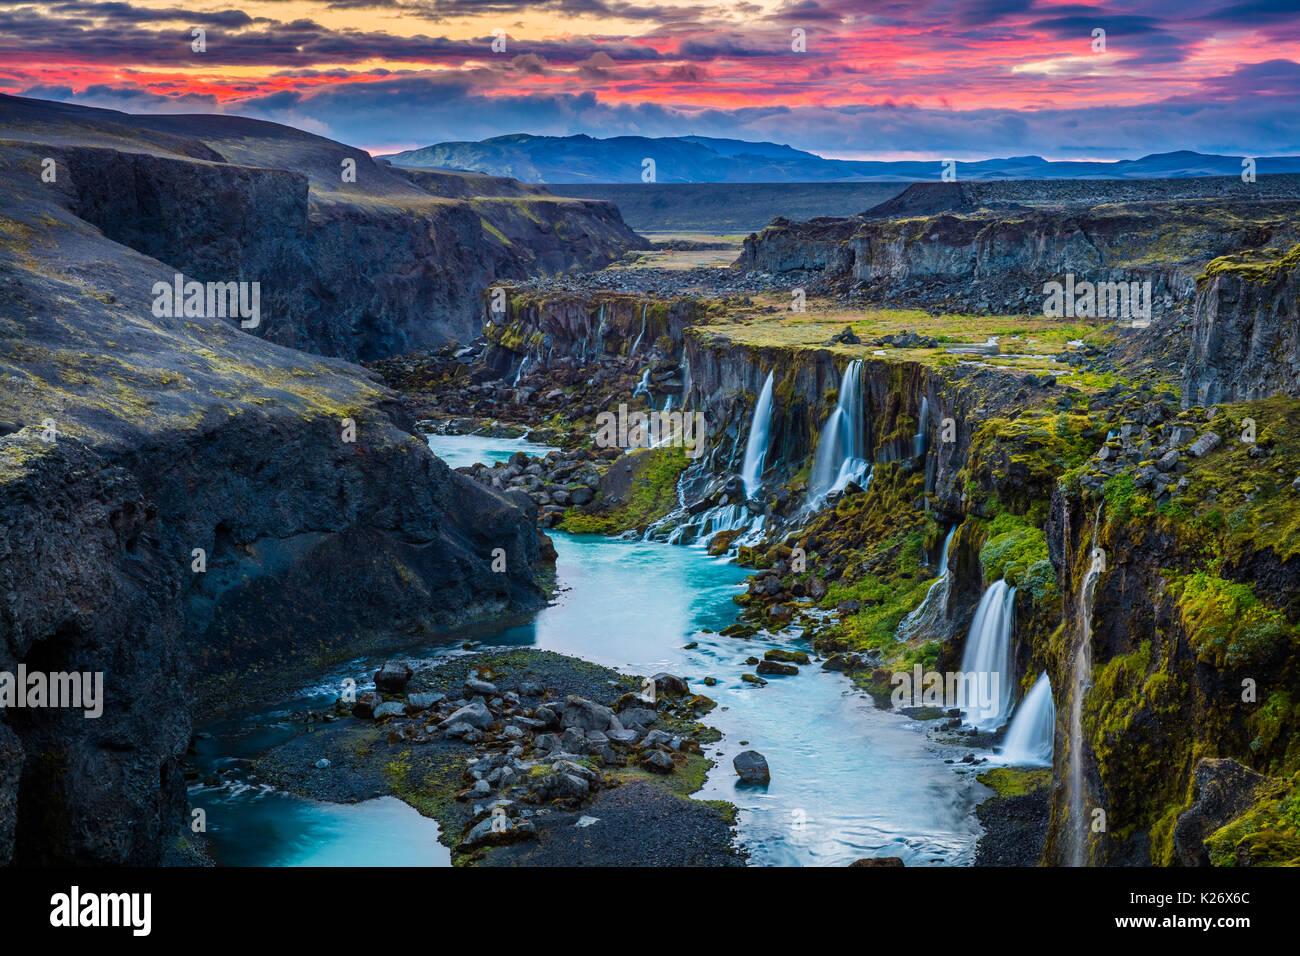 Canyon avec de multiples chutes d'eau dans la région du sud de l'Islande Photo Stock